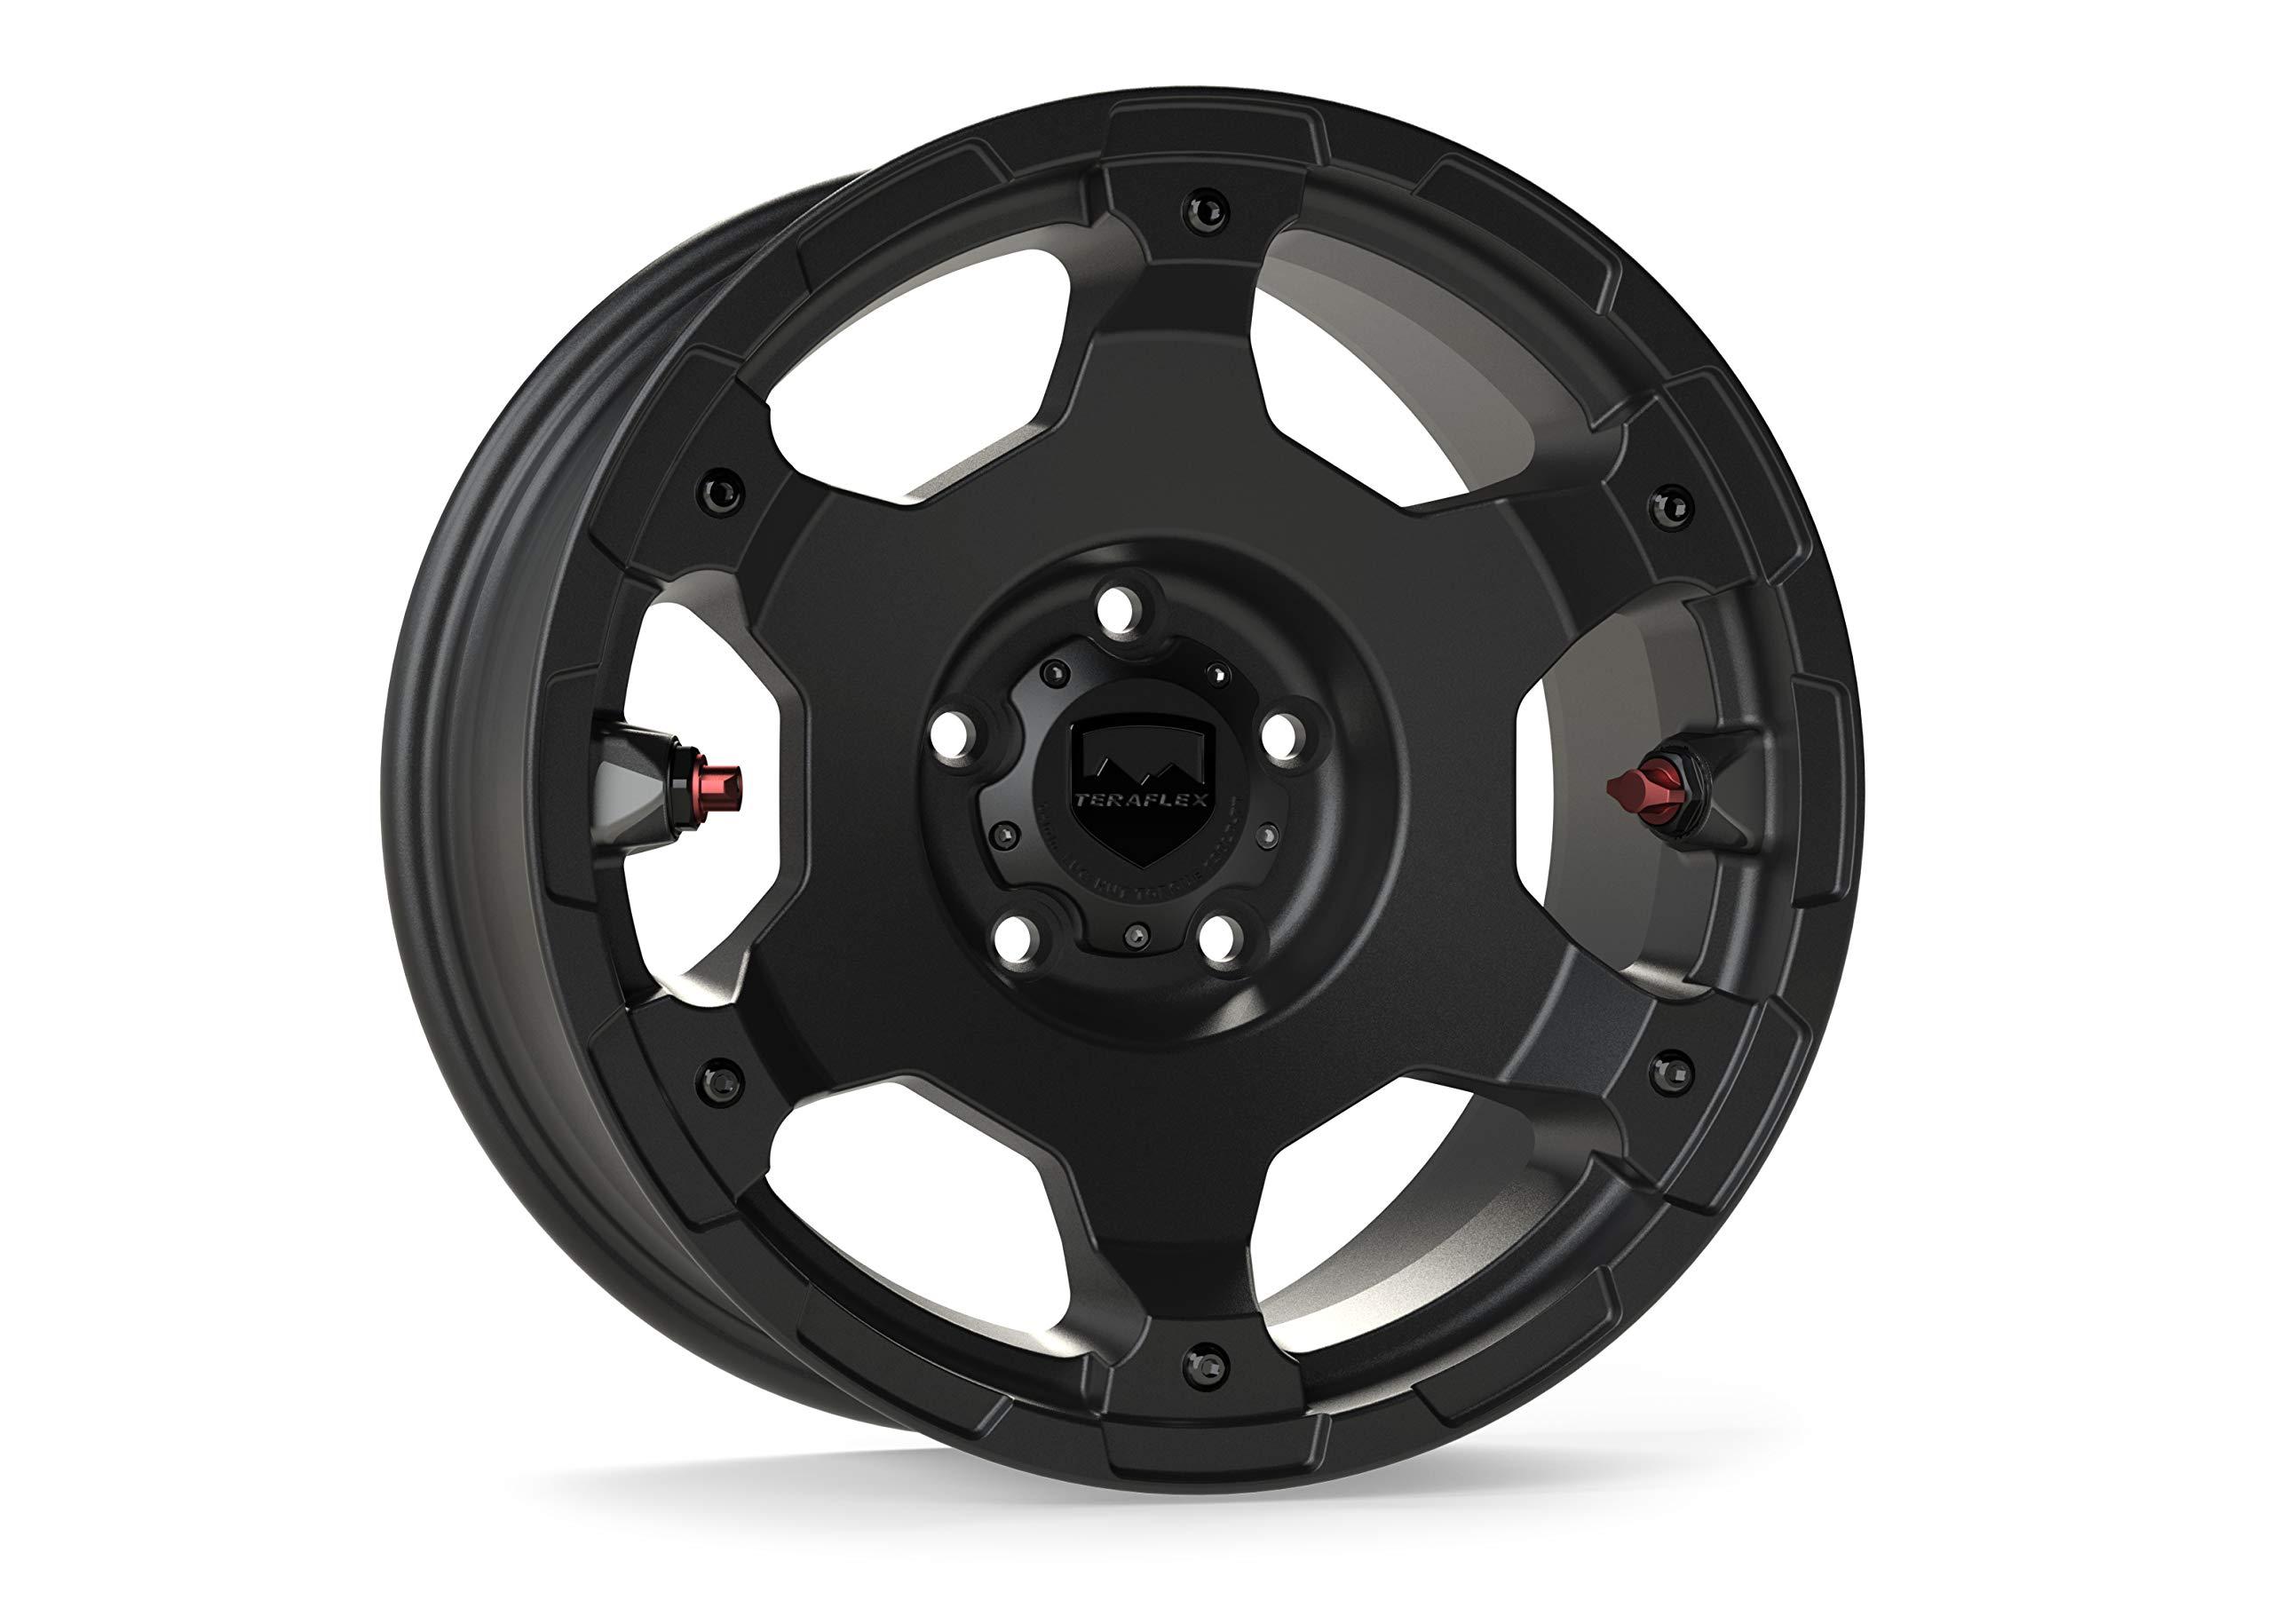 TeraFlex 1056059 NOMAD Wheel Deluxe by Teraflex